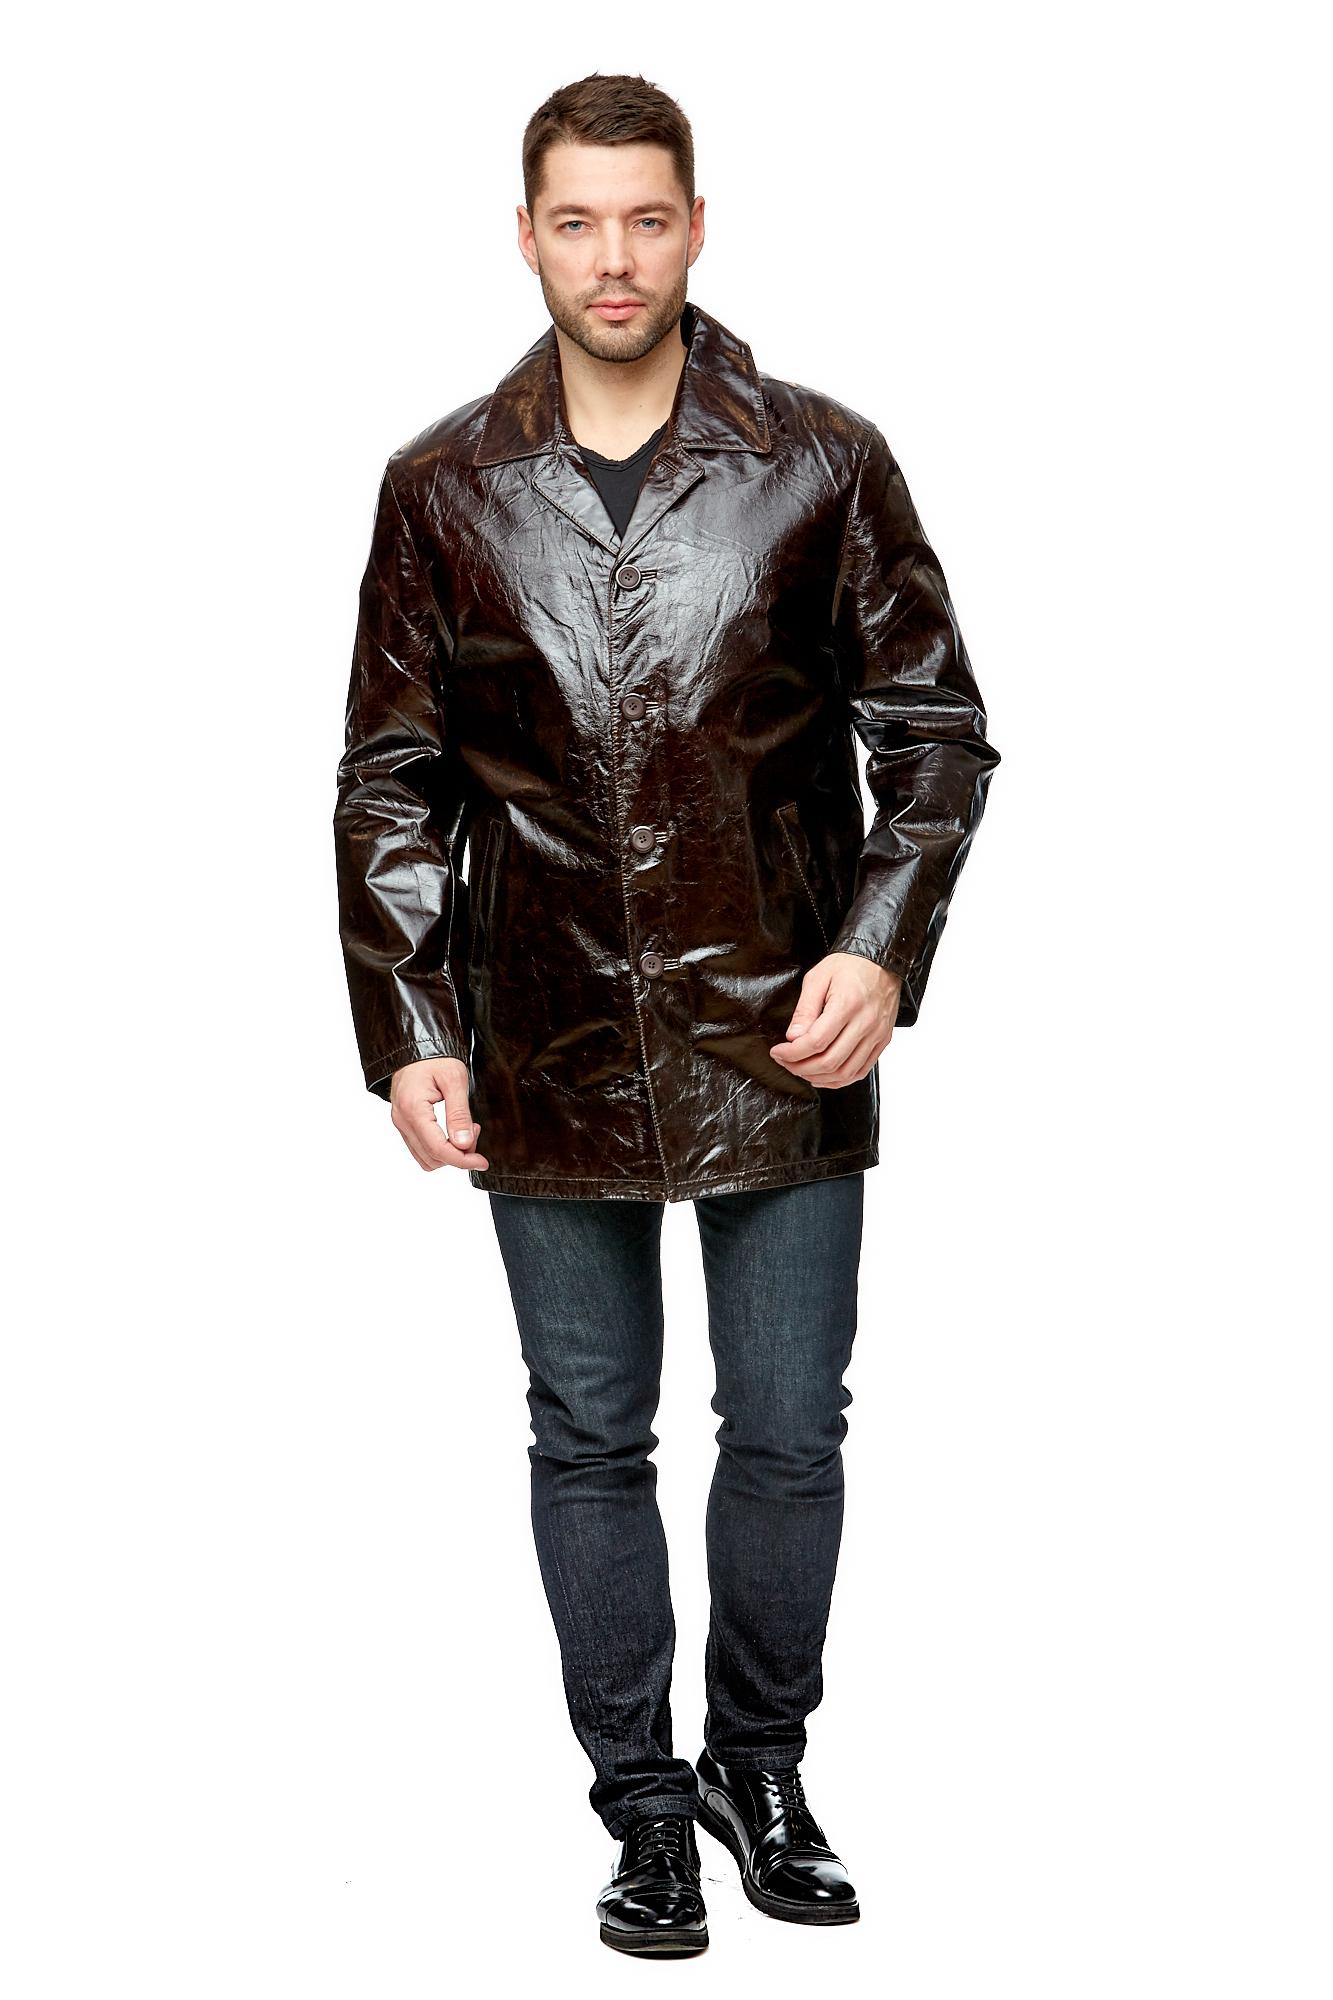 Купить Мужская кожаная куртка из натуральной кожи, МОСМЕХА, коричневый, Кожа натуральная, 8002580